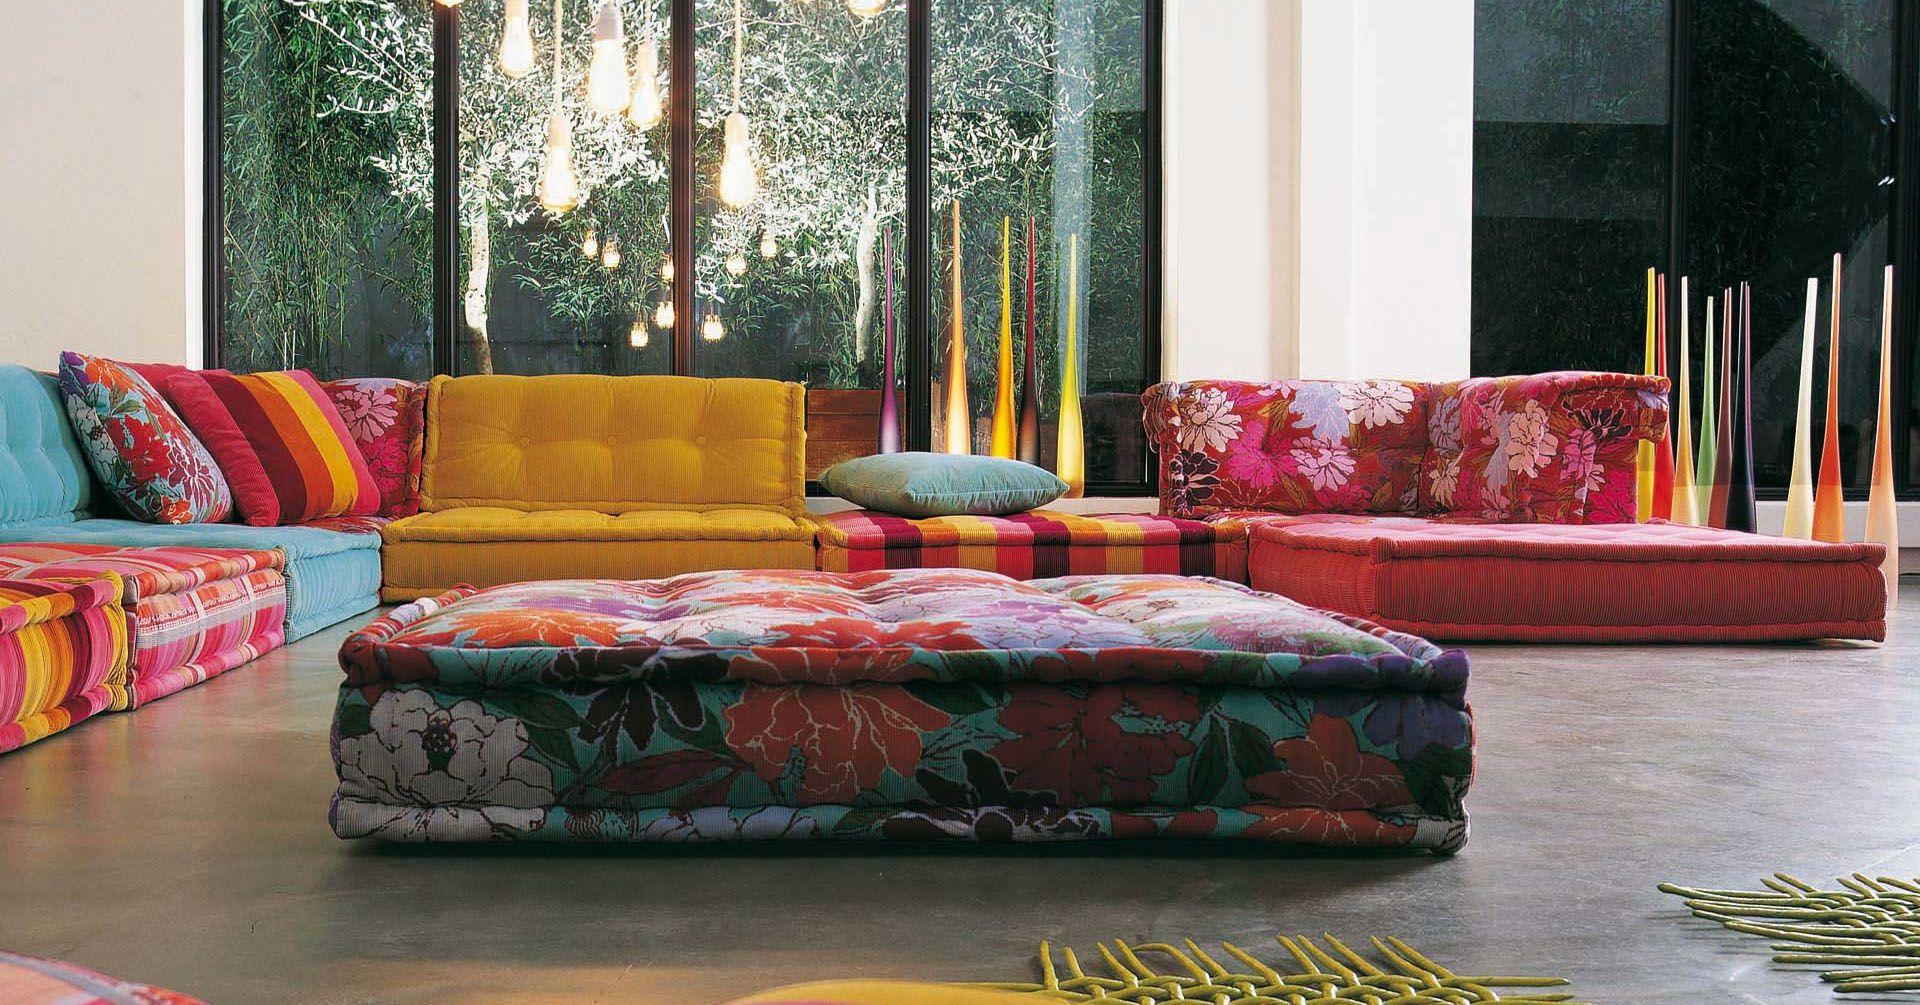 Designed by Hans Hofer the Roche Bobois Mah Jong Modular Sofas are